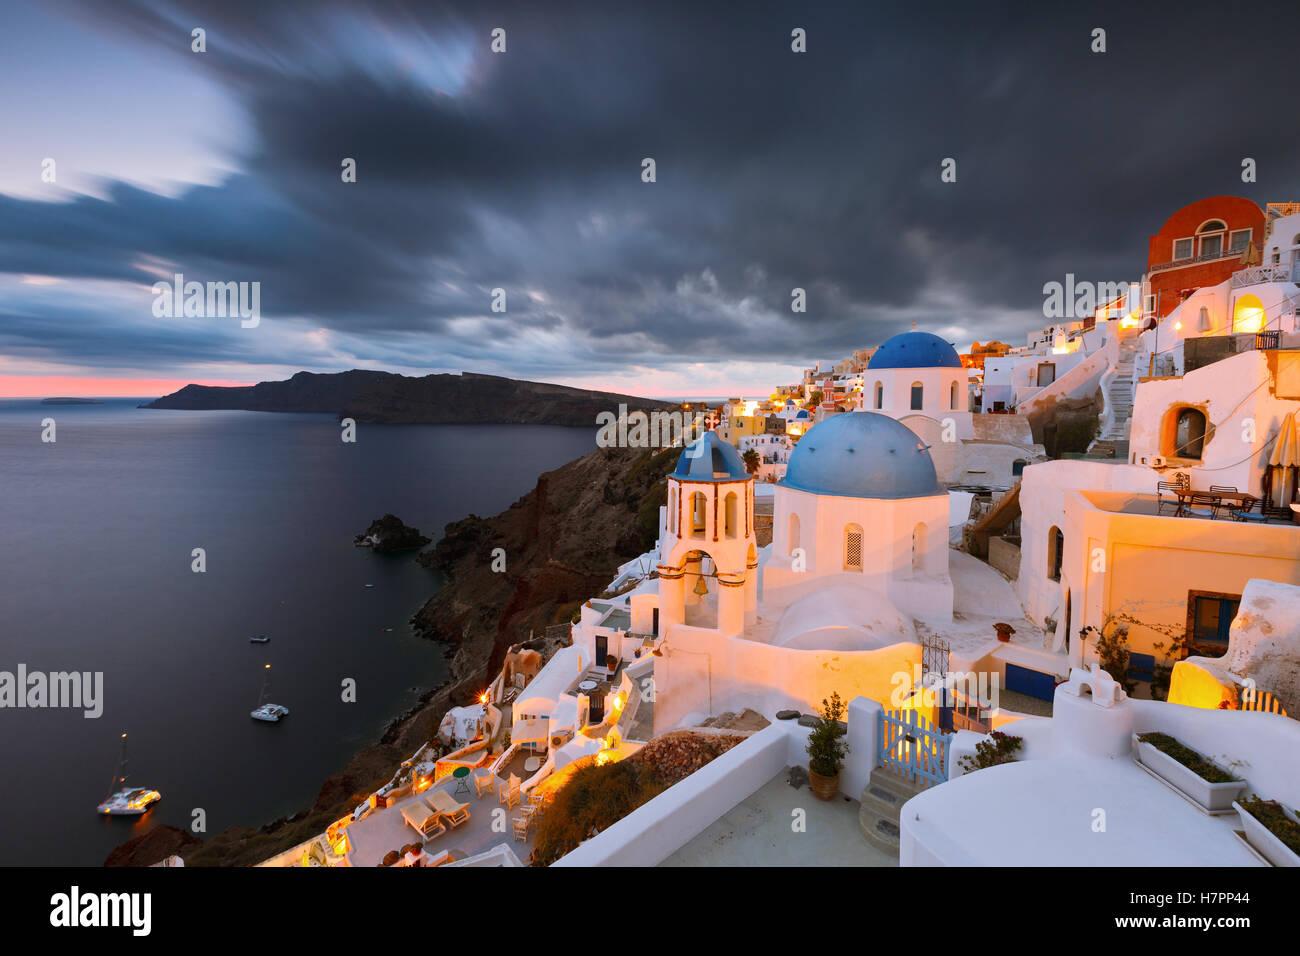 Vue sur le village d''Oia sur l'île de Santorin en Grèce. Photo Stock